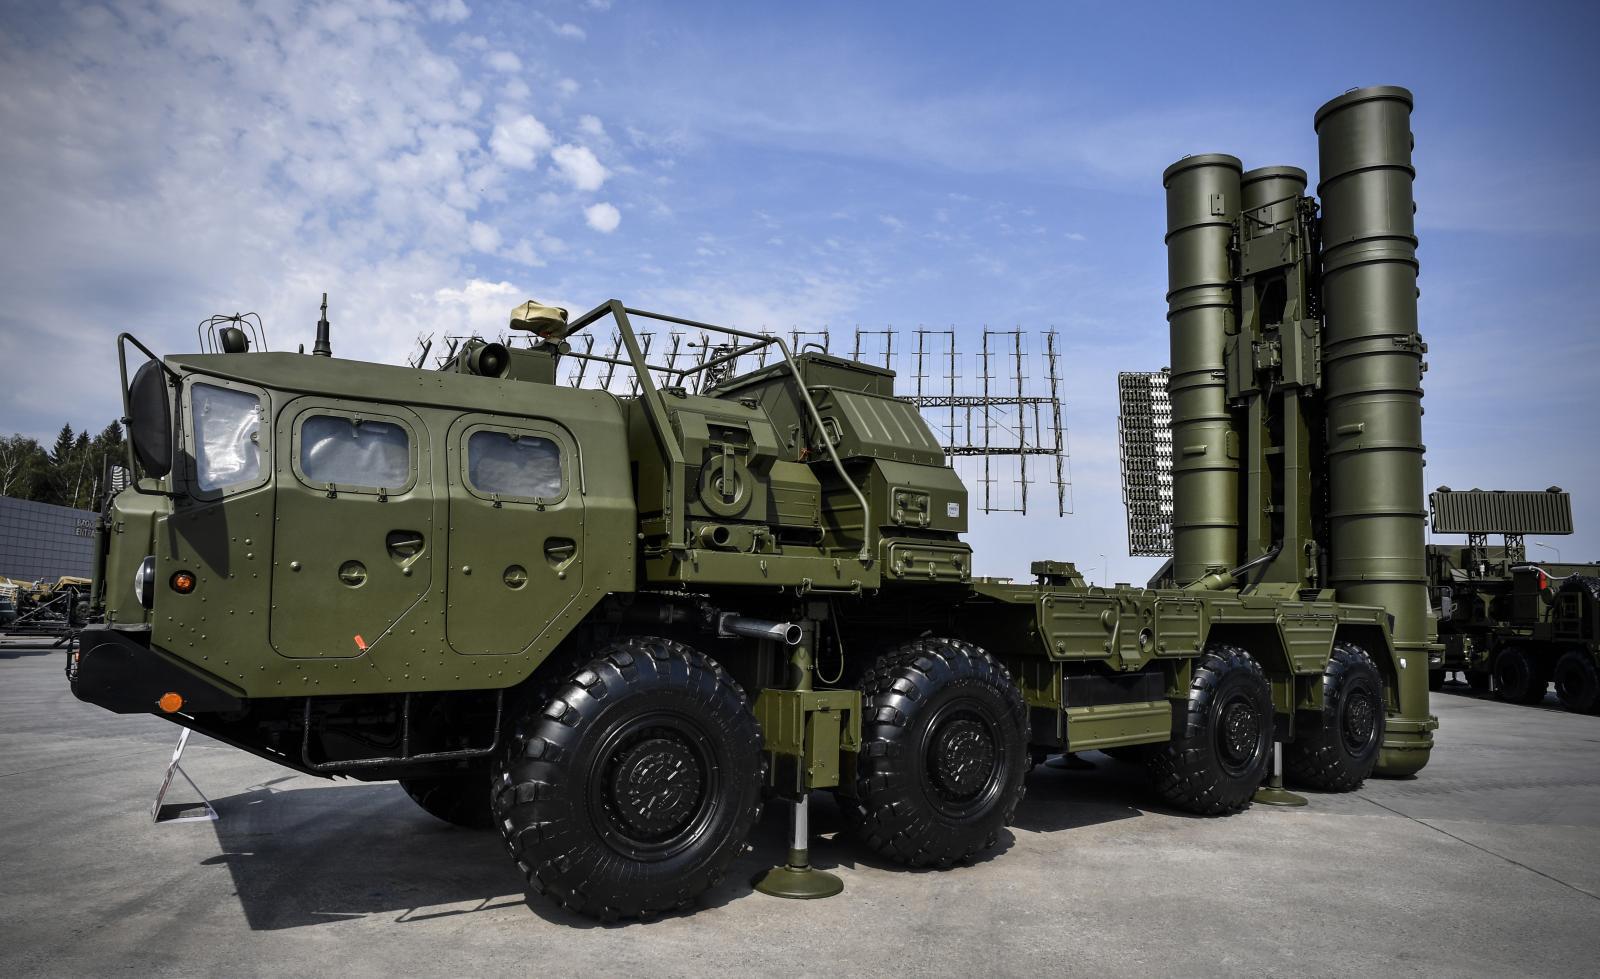 ผู้นำตุรกี เล็งจับมือรัสเซีย ผลิตขีปนาวุธ